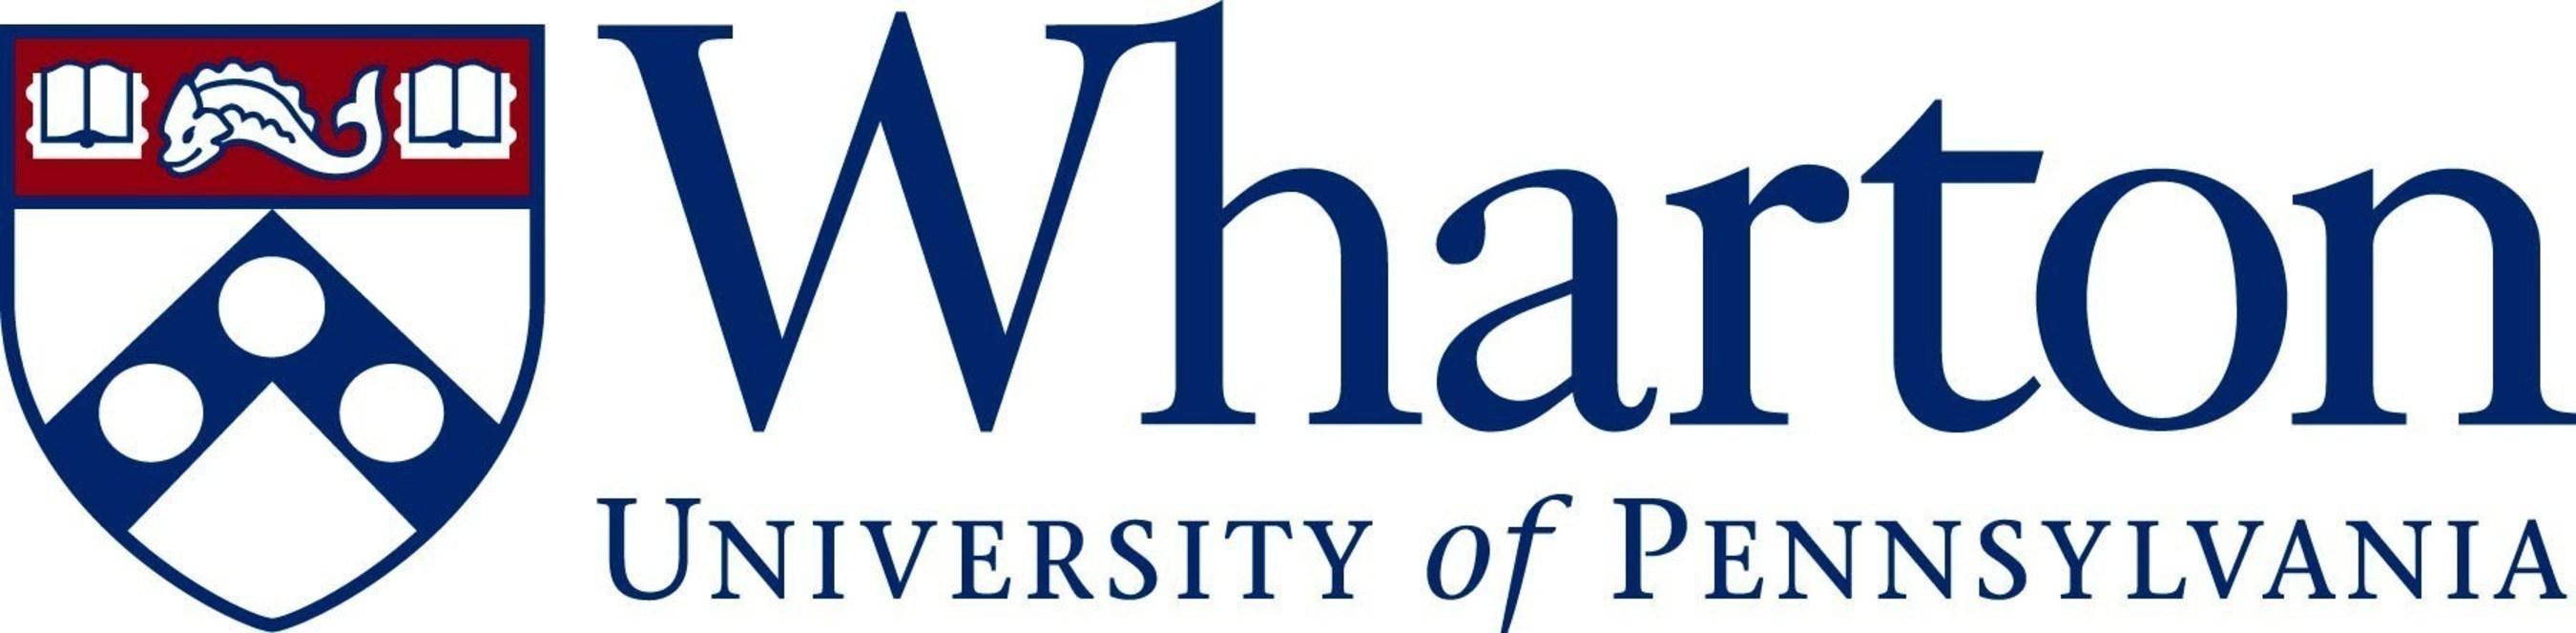 U.S. News & World Report, WPPs BAV Consulting und The Wharton School veröffentlichen erstmalig